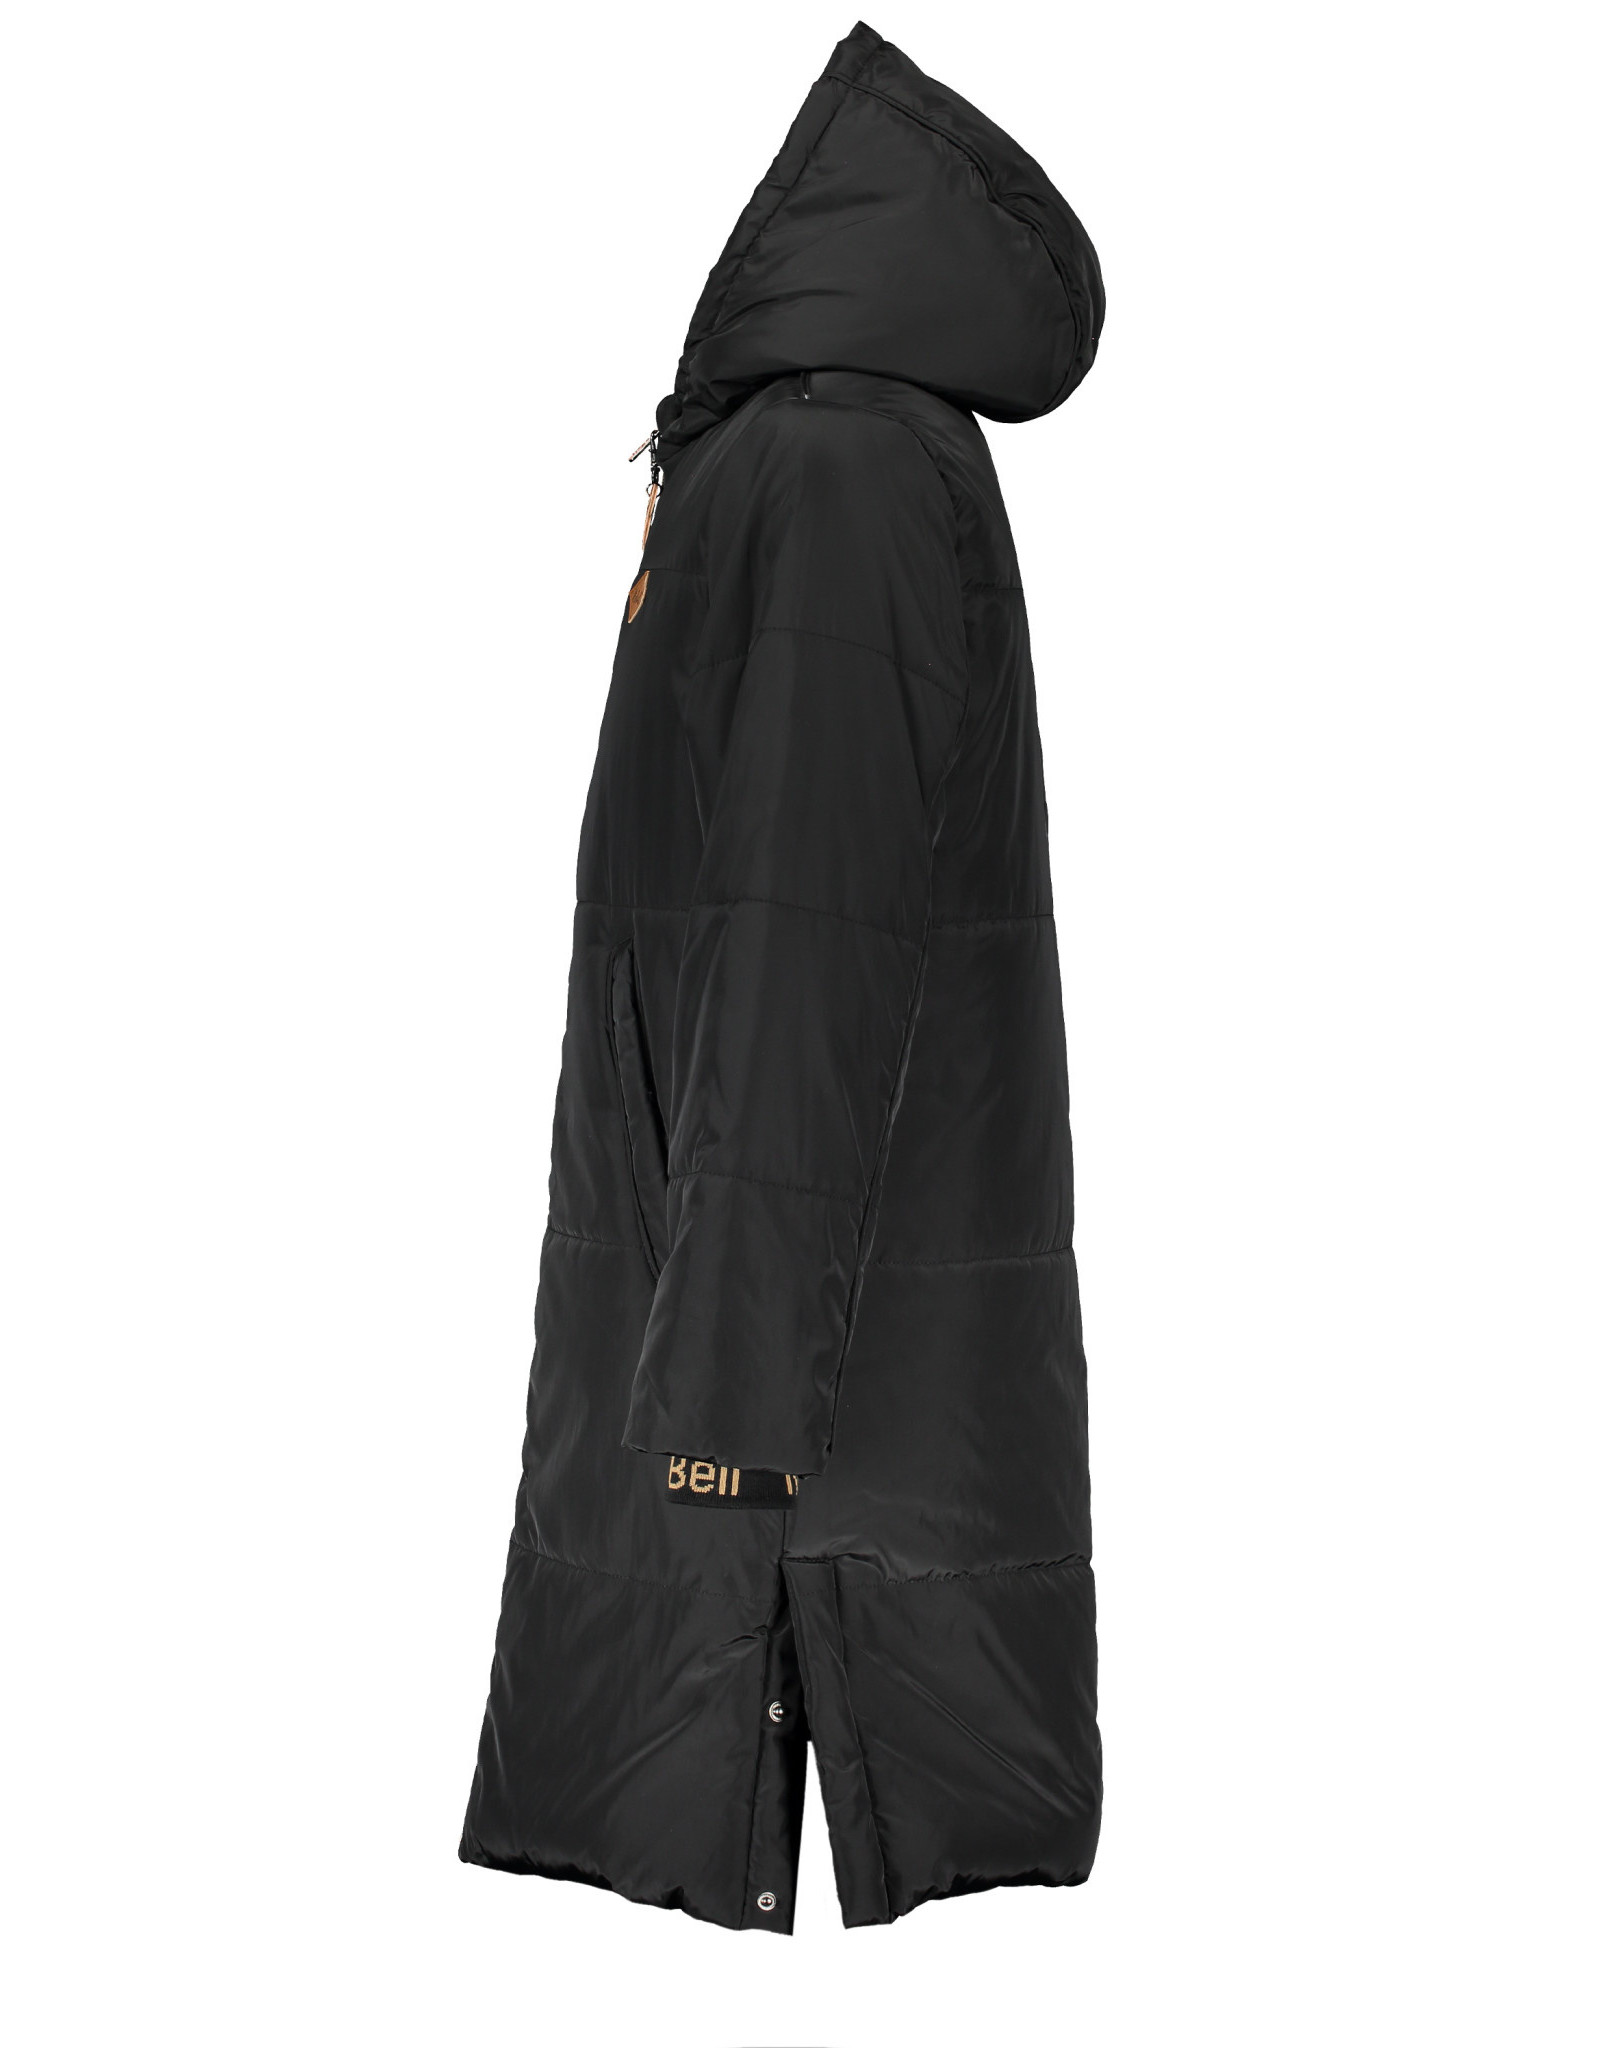 NoBell NoBell meiden long winterjas Baggy Jet Black